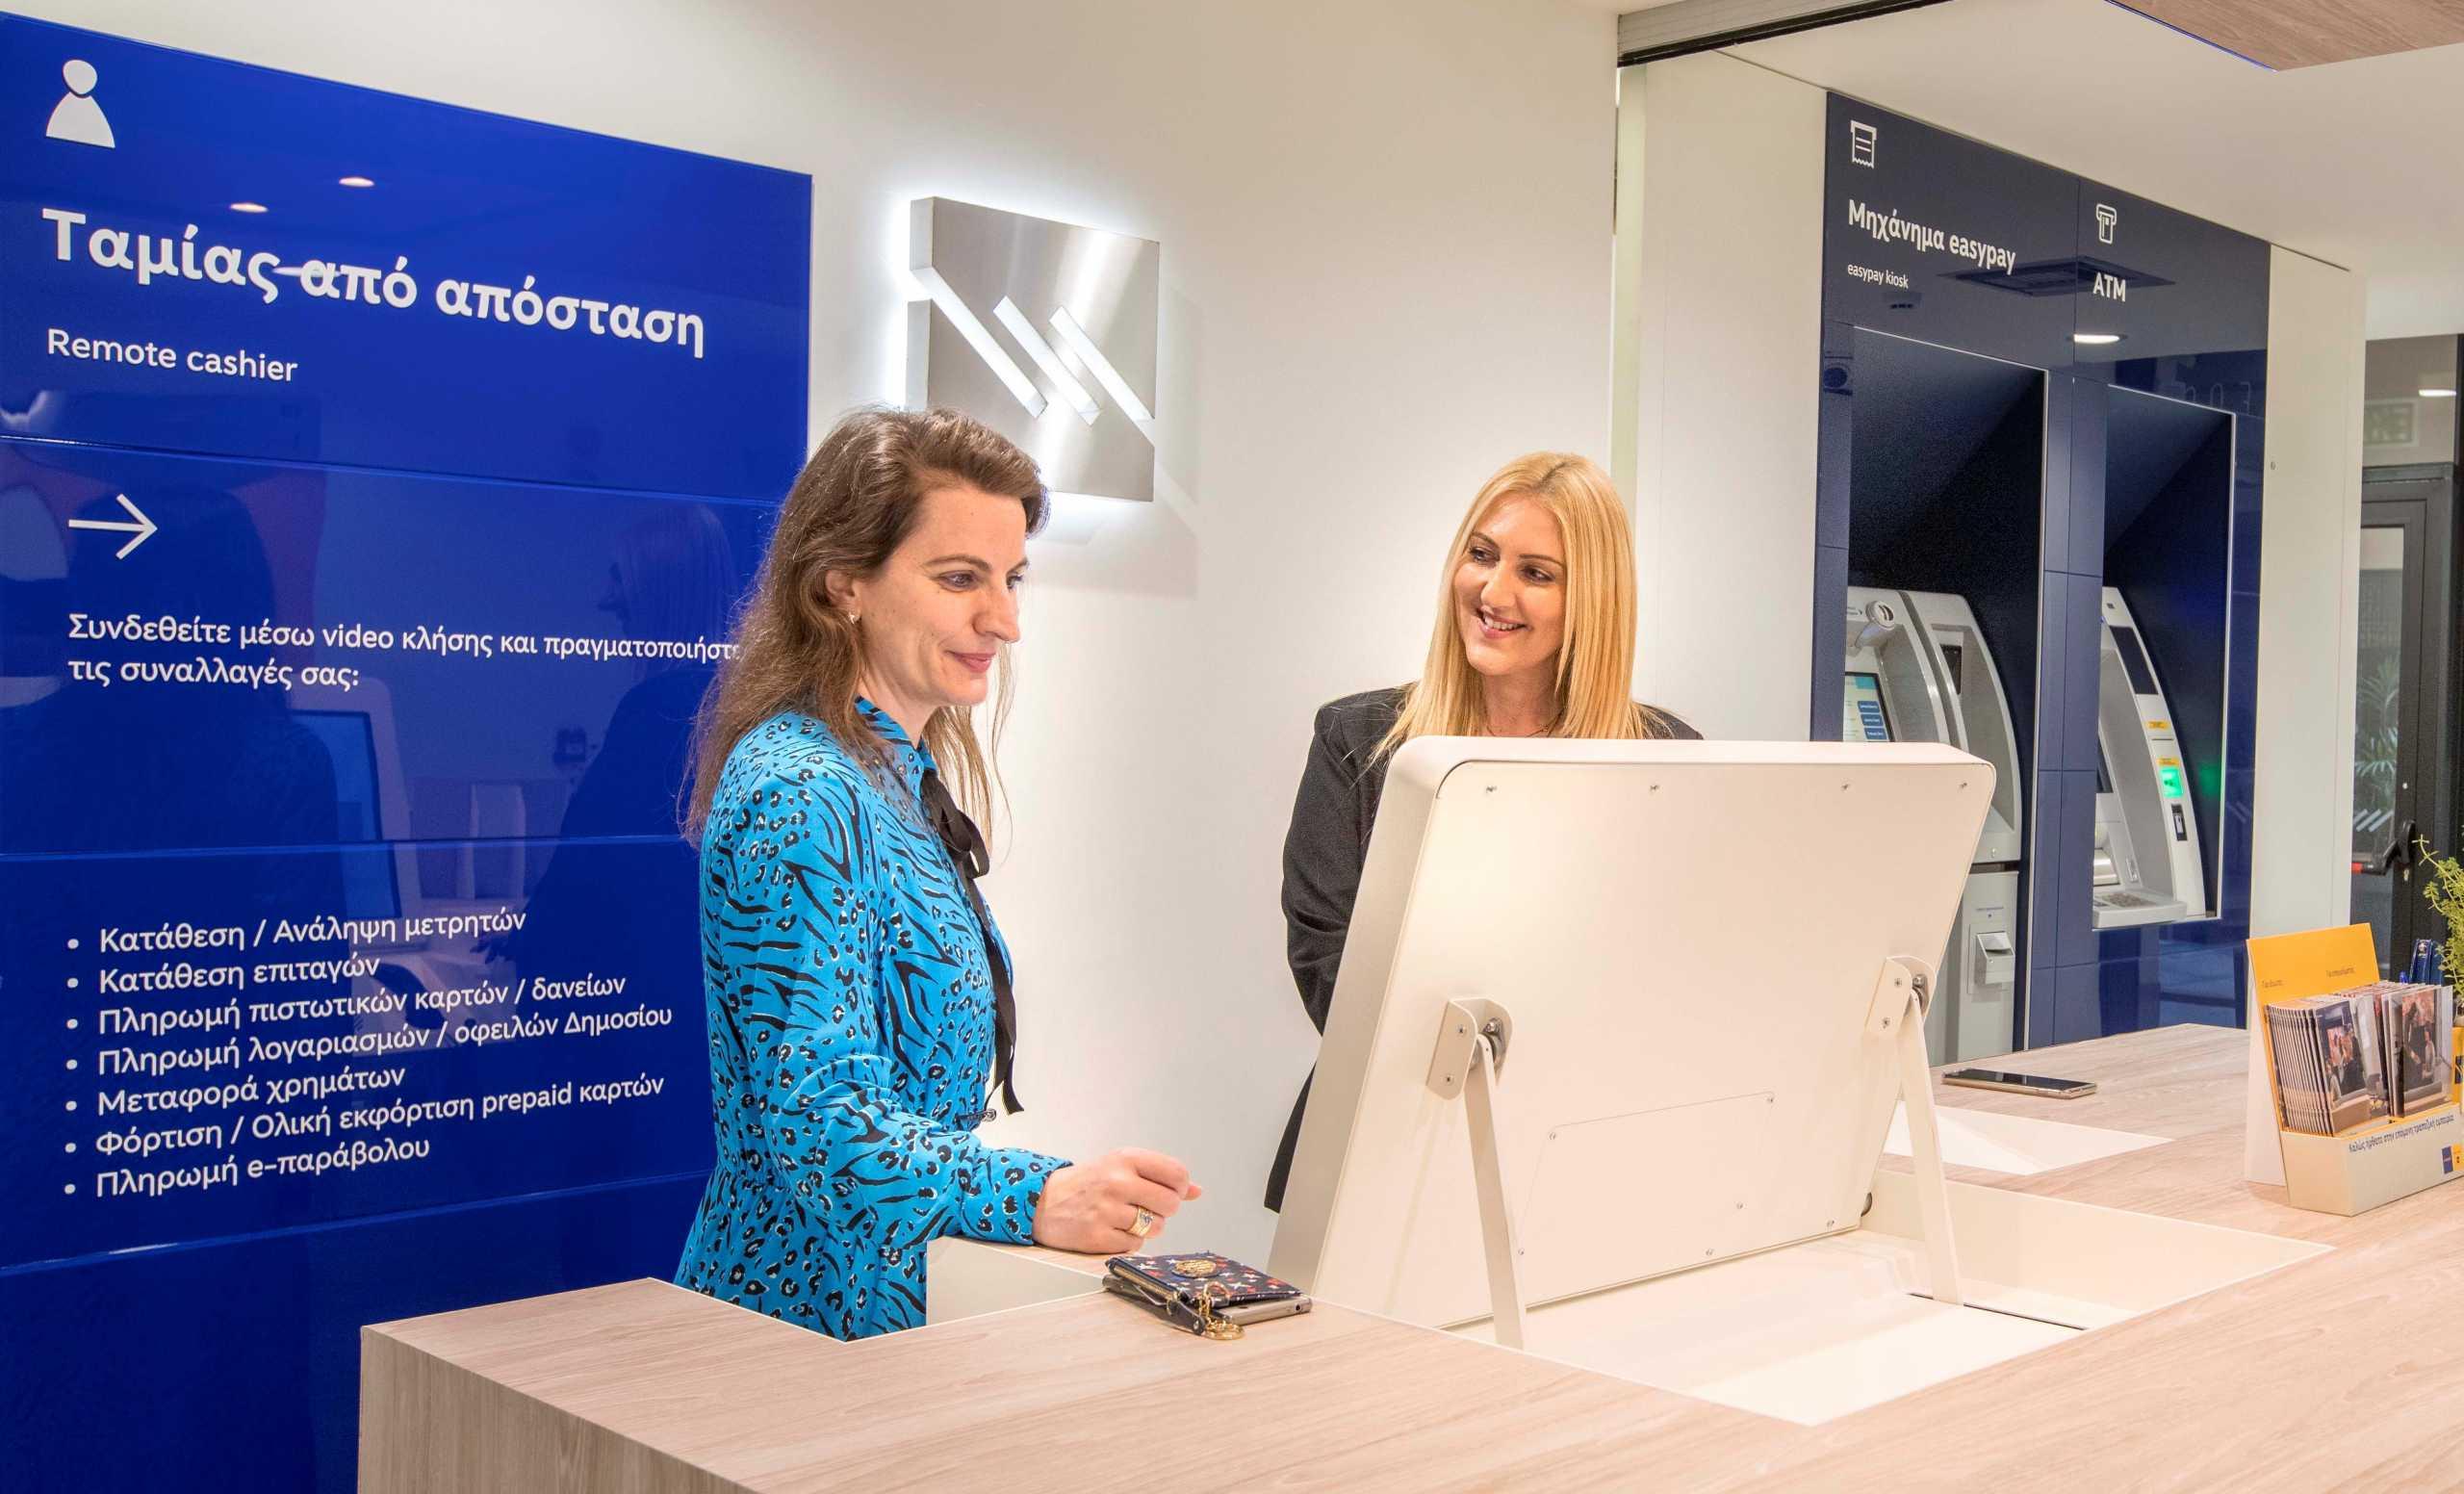 Γρήγορες και covid free τραπεζικές συναλλαγές για επιχειρήσεις στα e-branch της Τράπεζας Πειραιώς